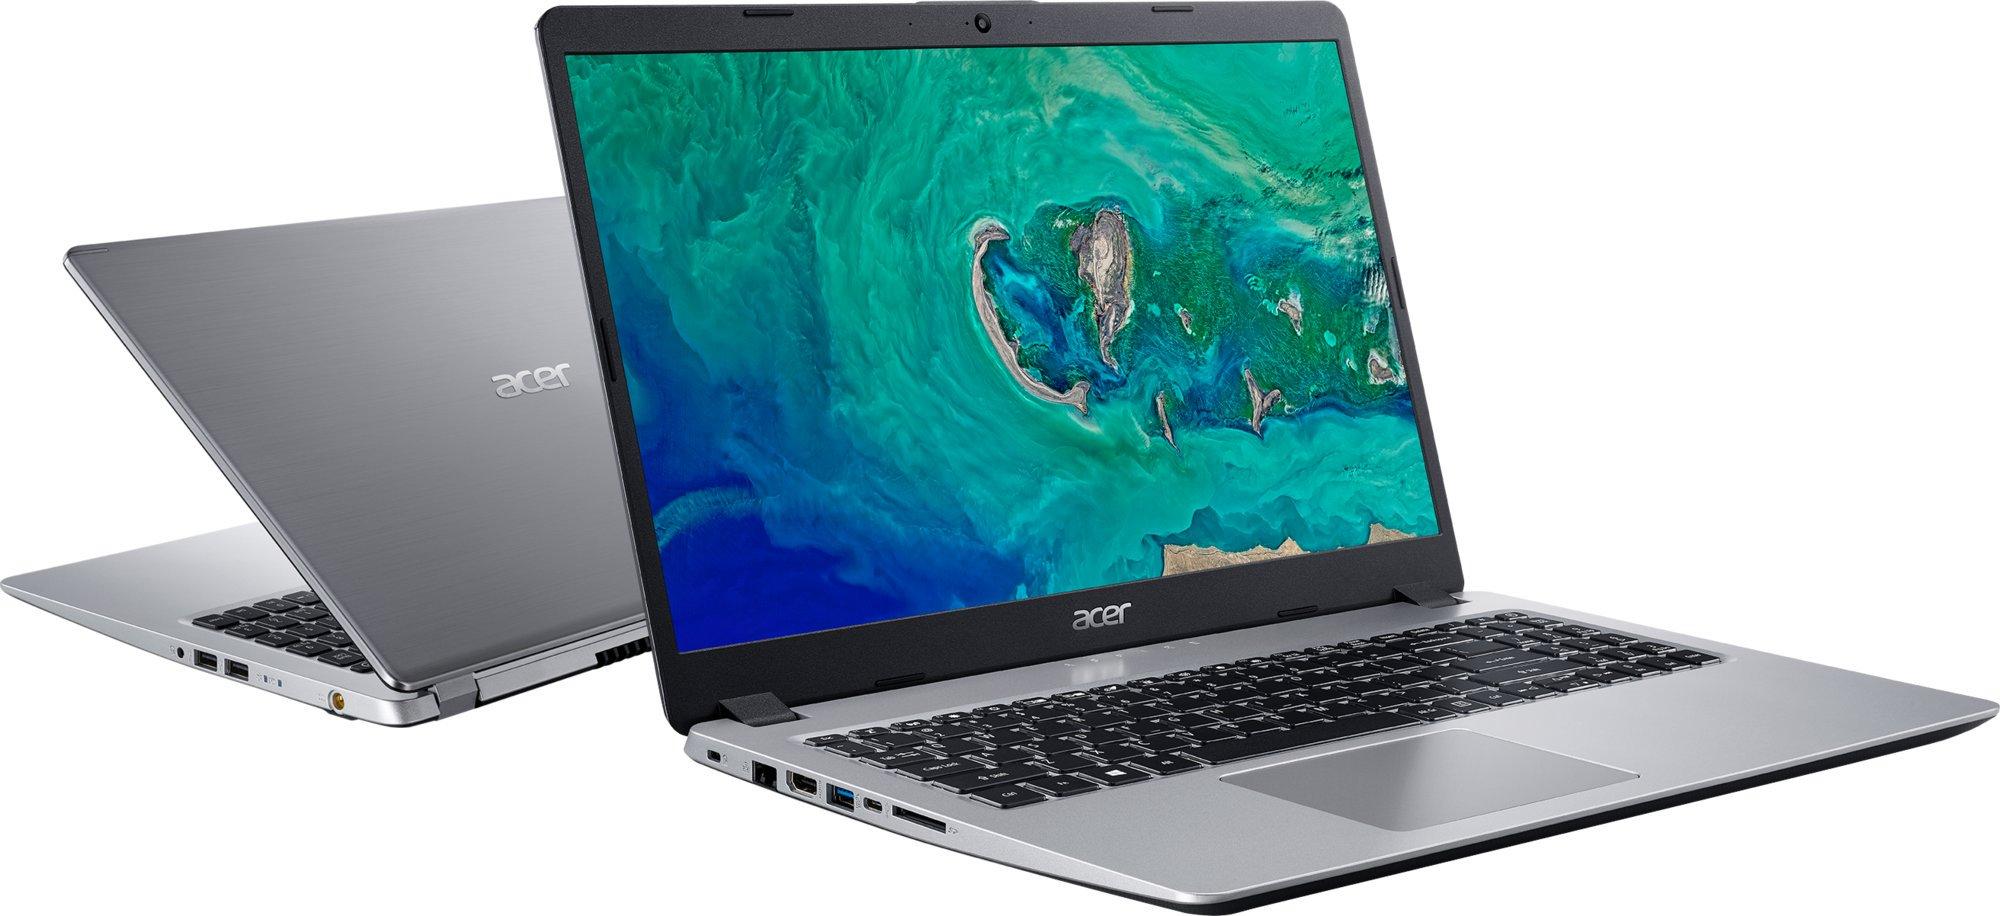 Acer Aspire 5 A515-52G-781Q